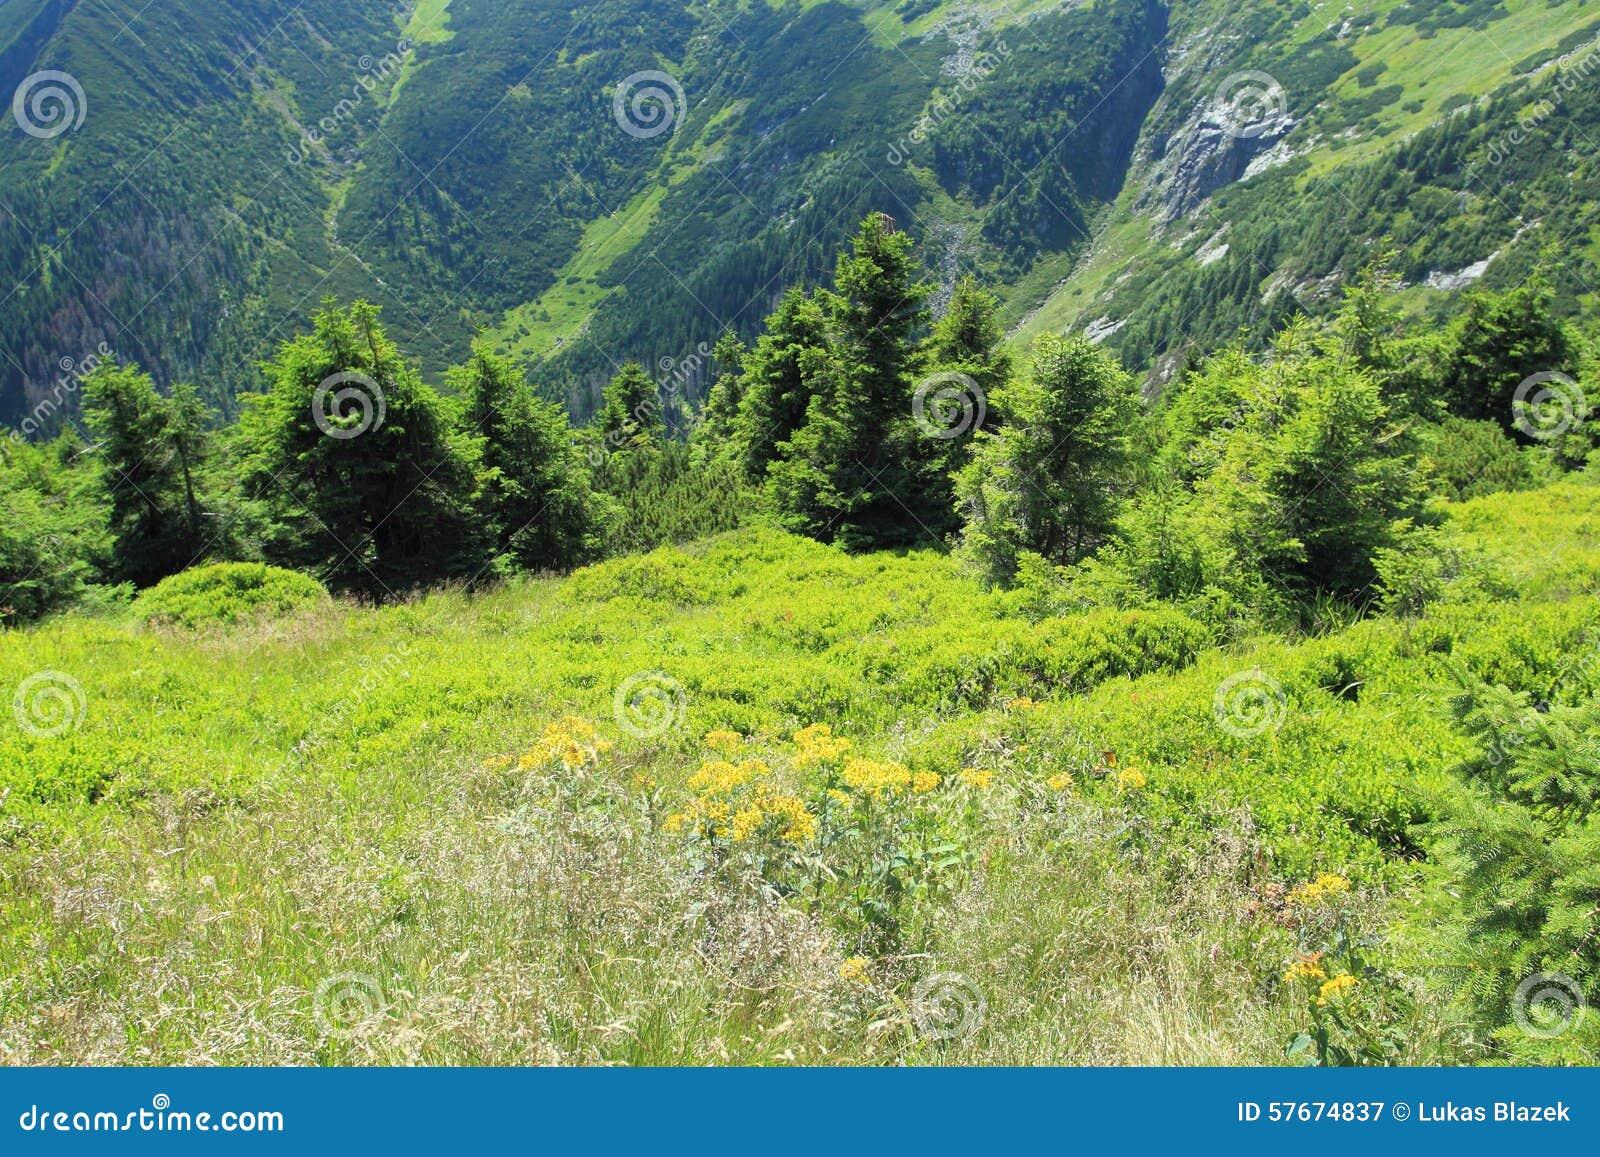 Gigant kopalnia w Gigantycznych górach